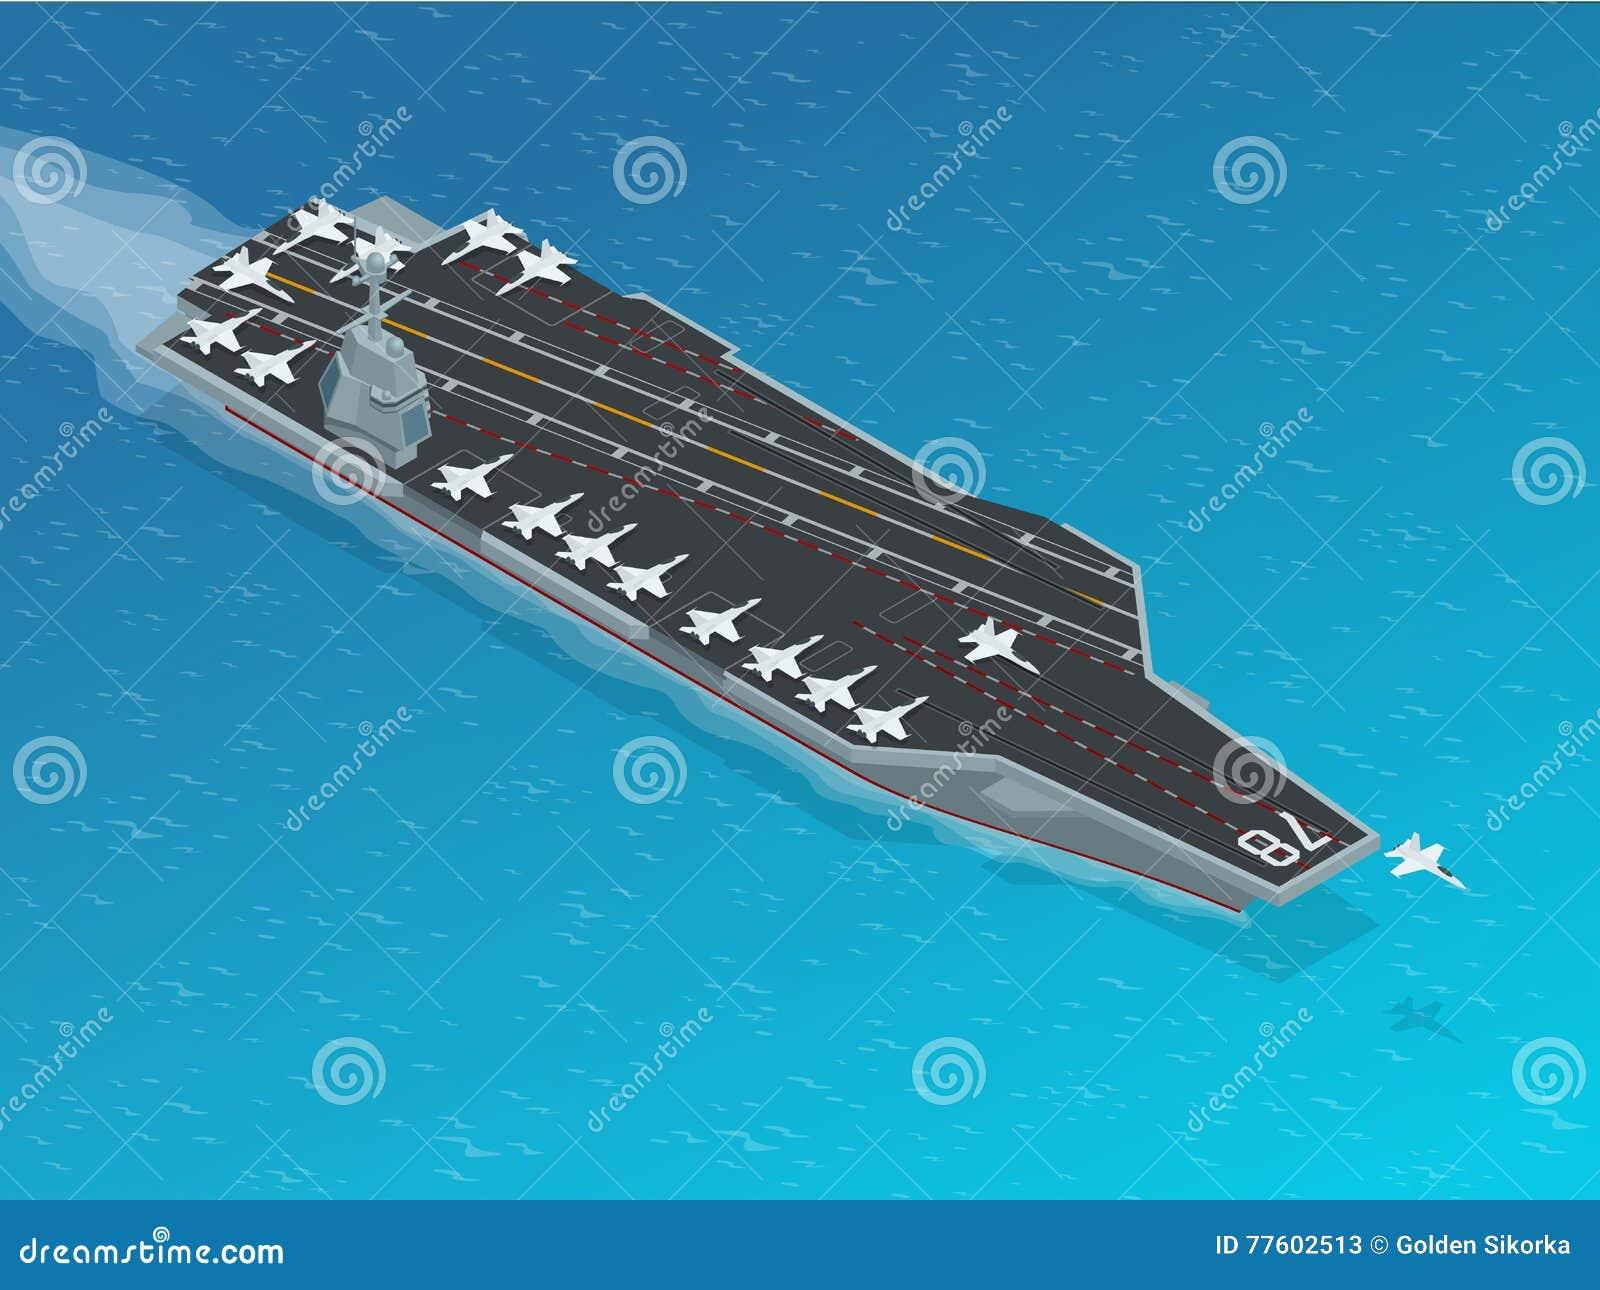 Samolot wyznaczający wspomagany energią jądrową lotniskowiec Isometric wektorowej marynarki wojennej Jądrowy lotniskowiec